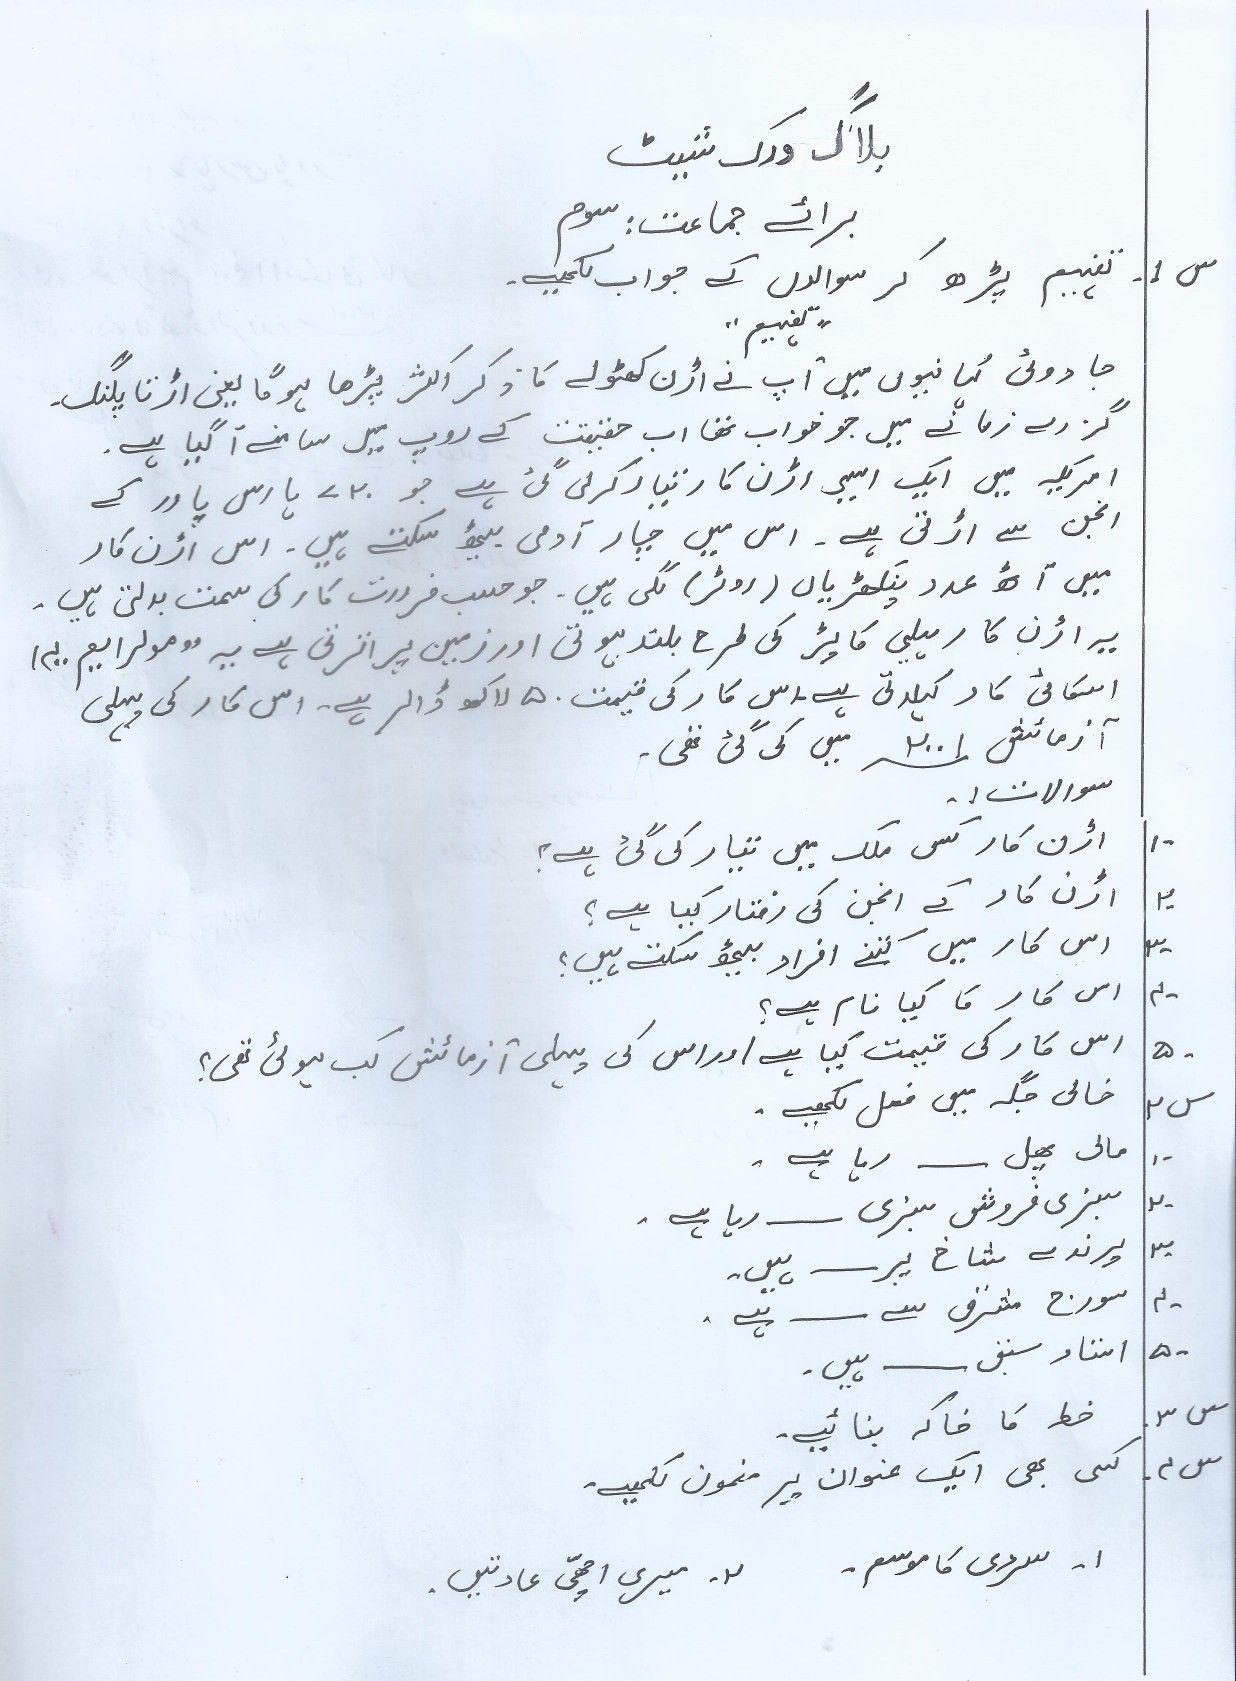 Urdu Tafheem Image By Faiza Yasin